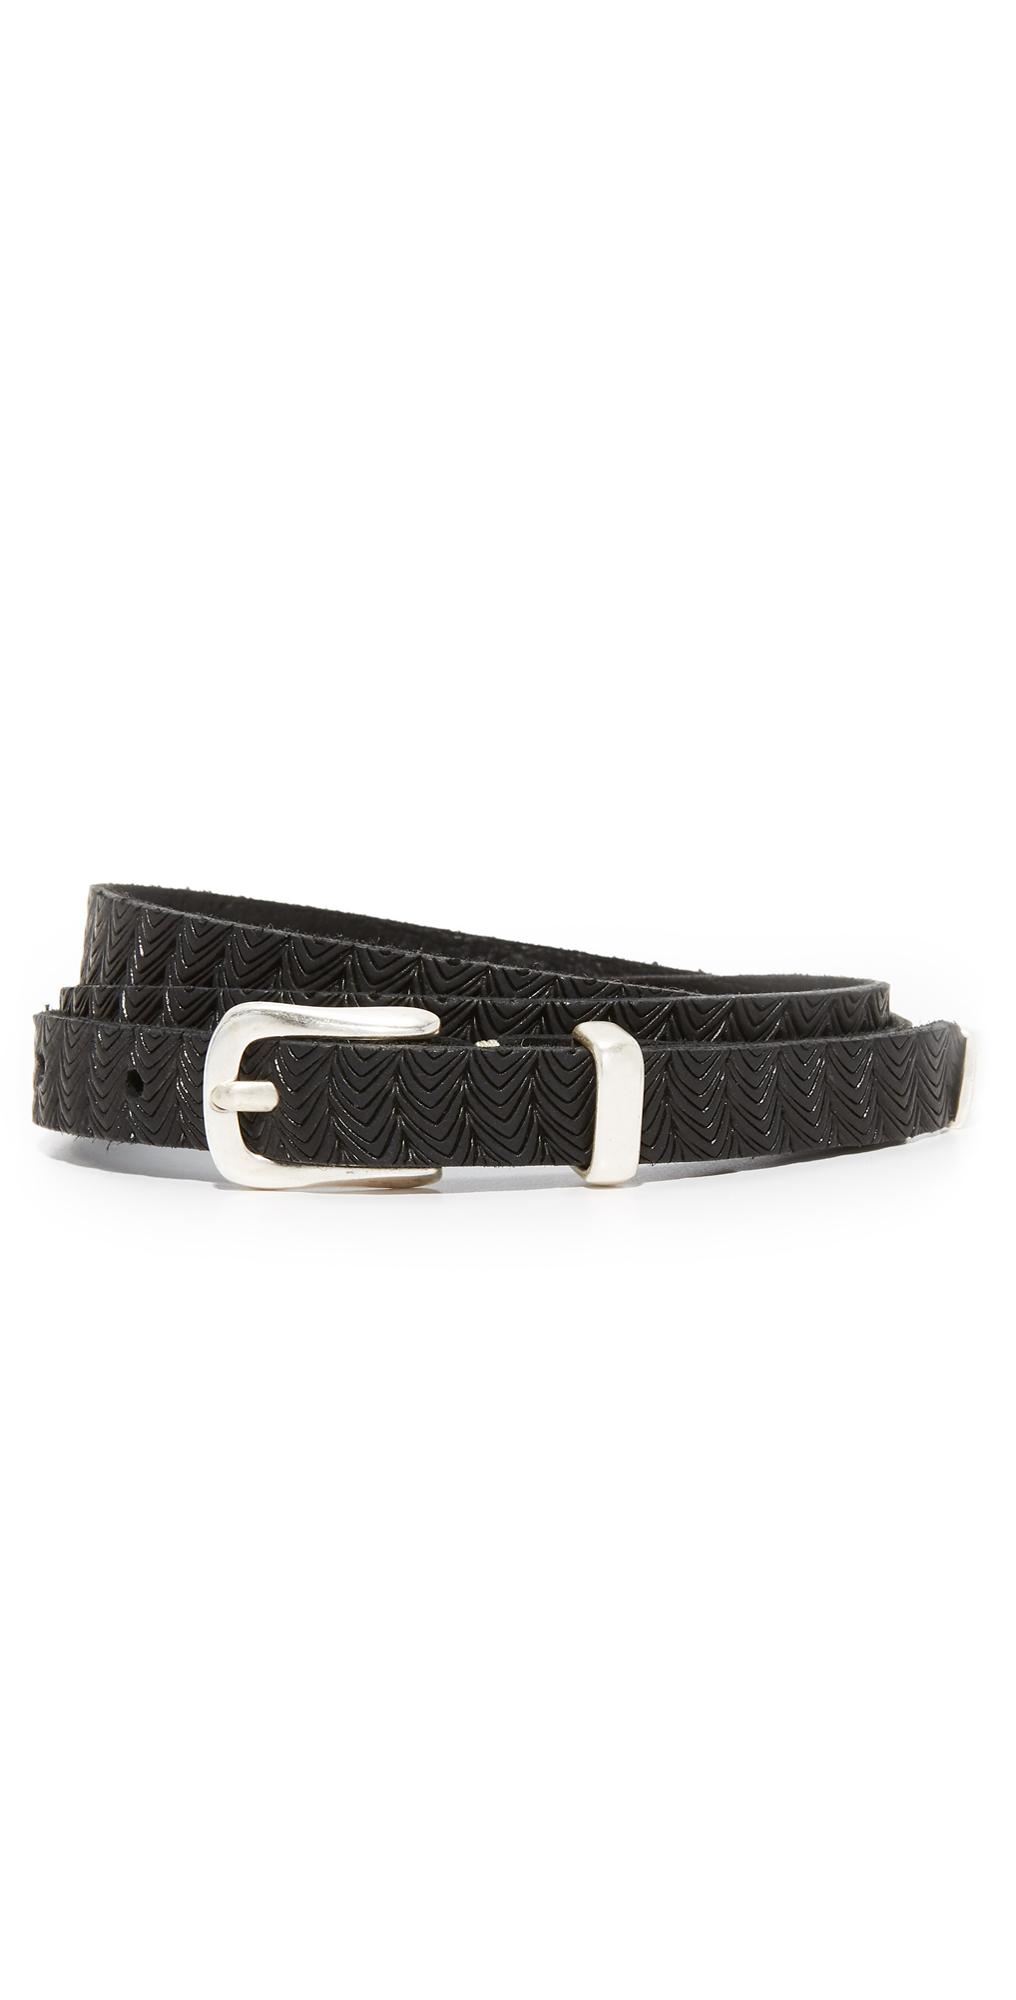 Skinny Embossed Belt B. Belt